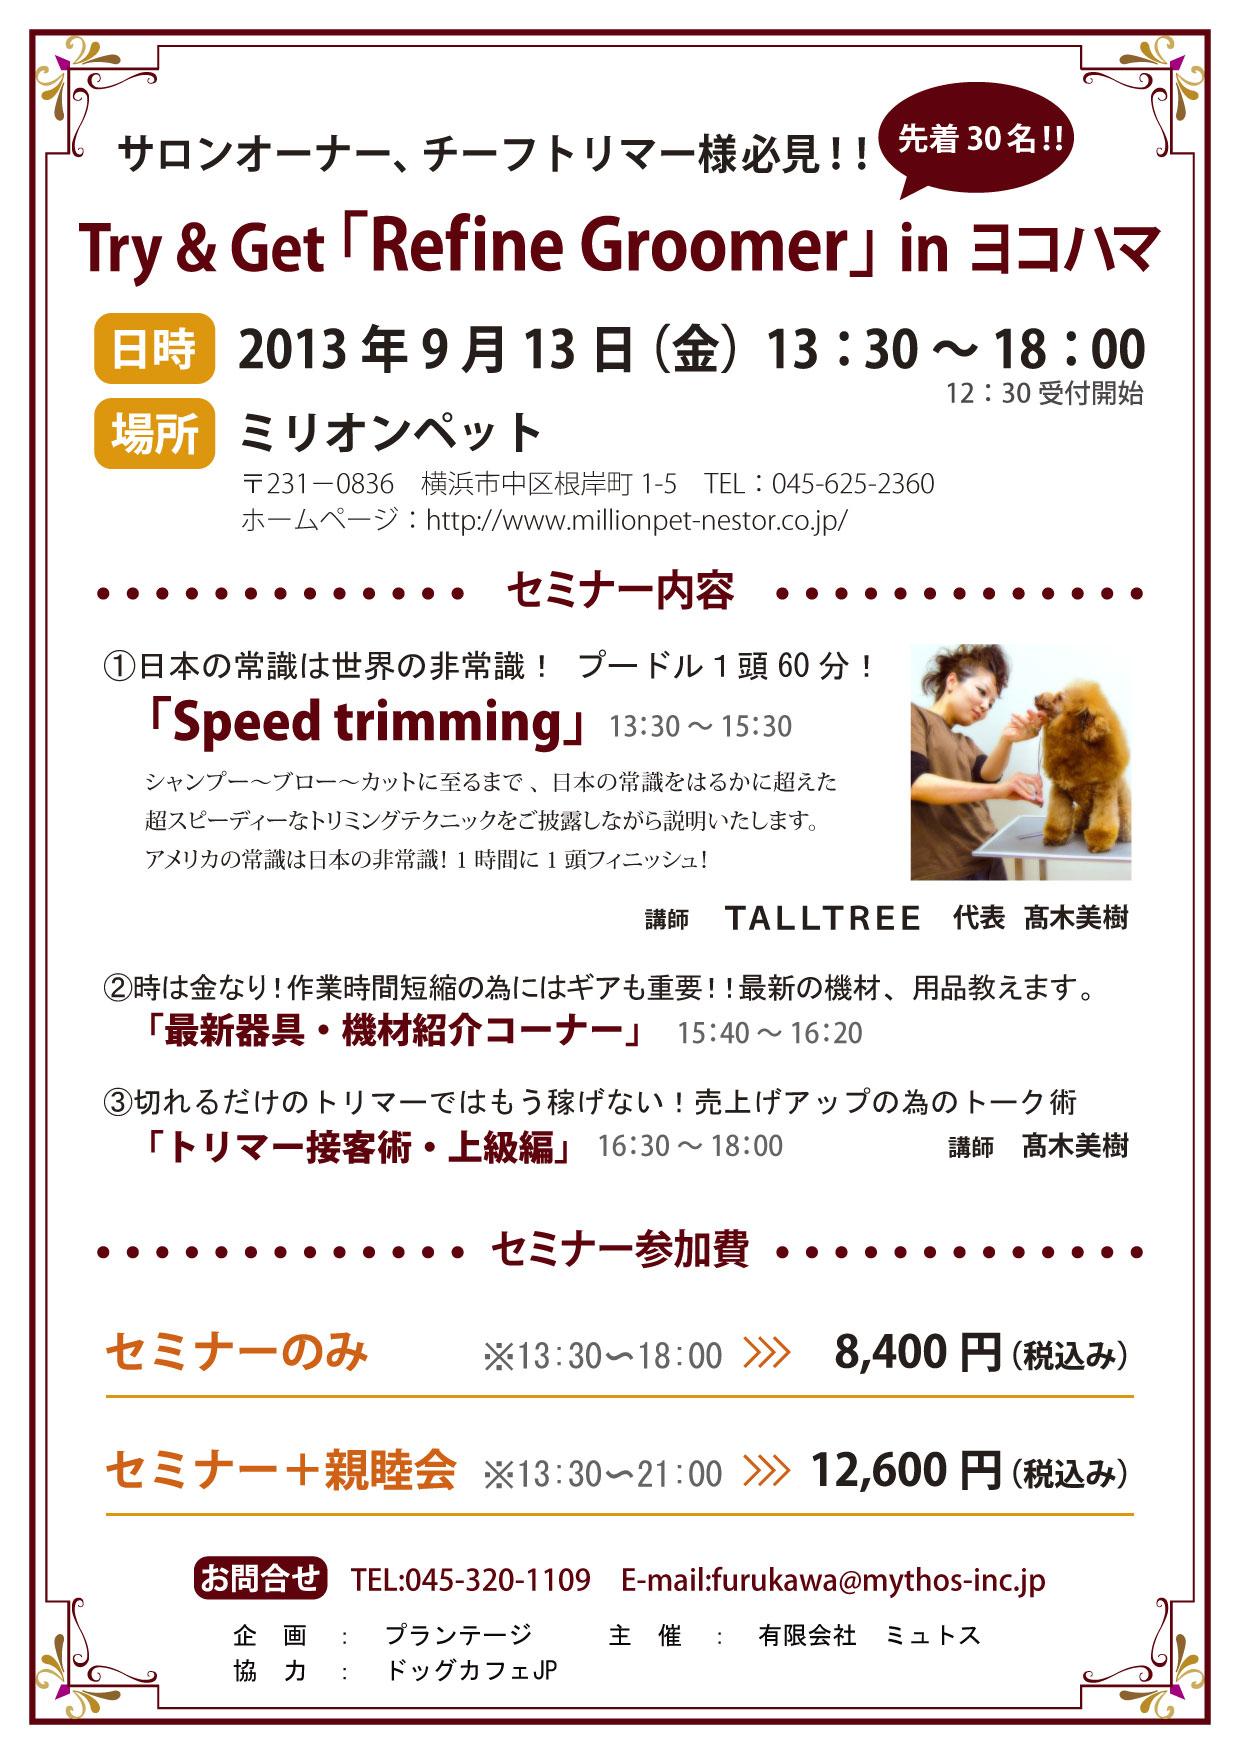 実演セミナー 9月13日 IN 横浜 _a0257961_17263580.jpg